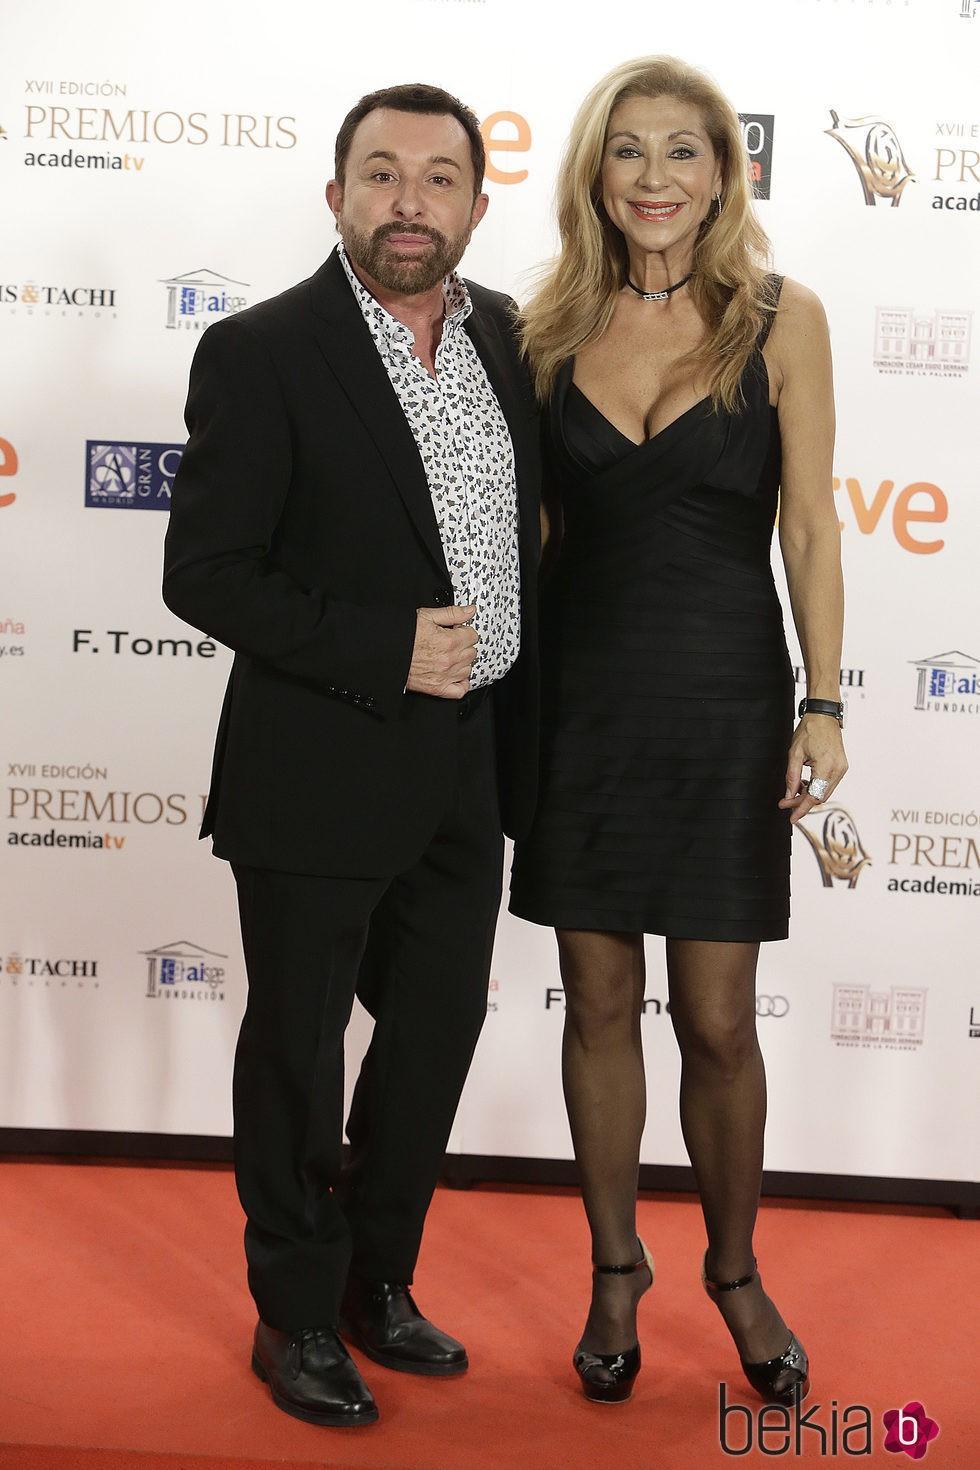 José Manuel Parada y Jenny Jada en los XVII Premios Iris de la Academia de Televisión 2015